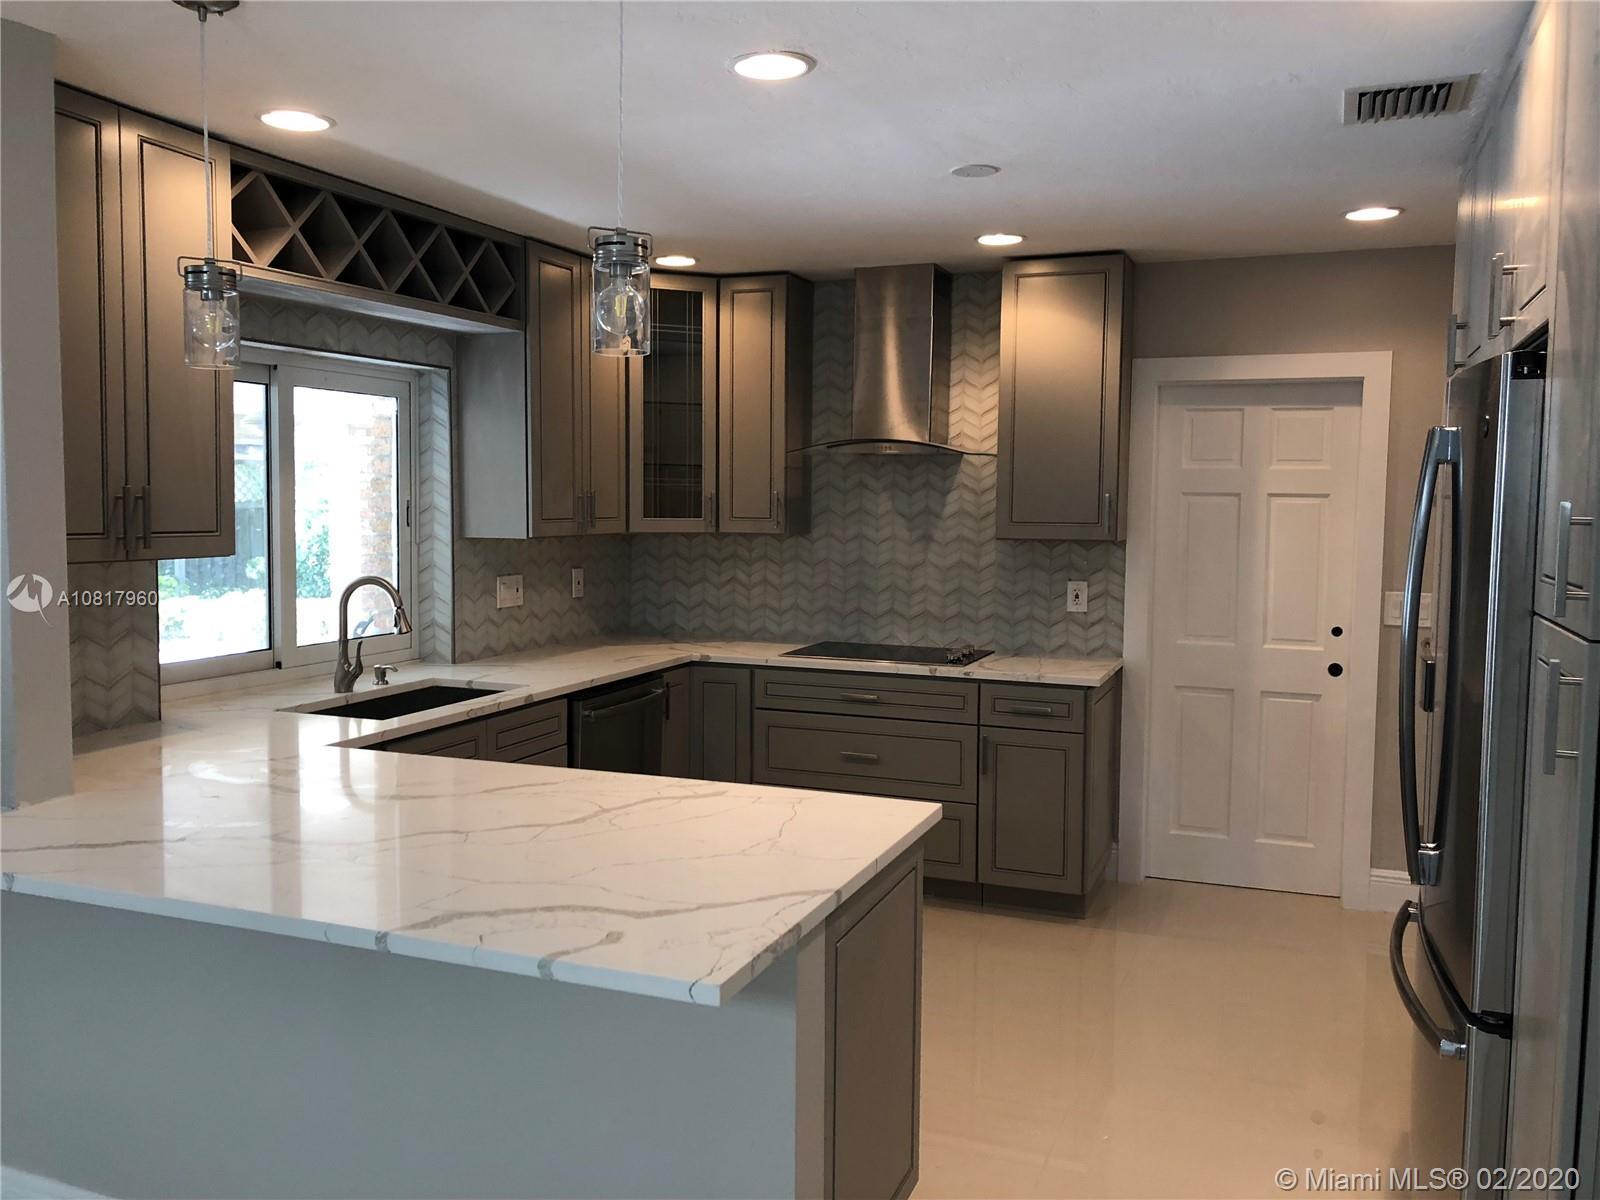 2632 NE 26th Ct, Fort Lauderdale, FL 33306 - Fort Lauderdale, FL real estate listing